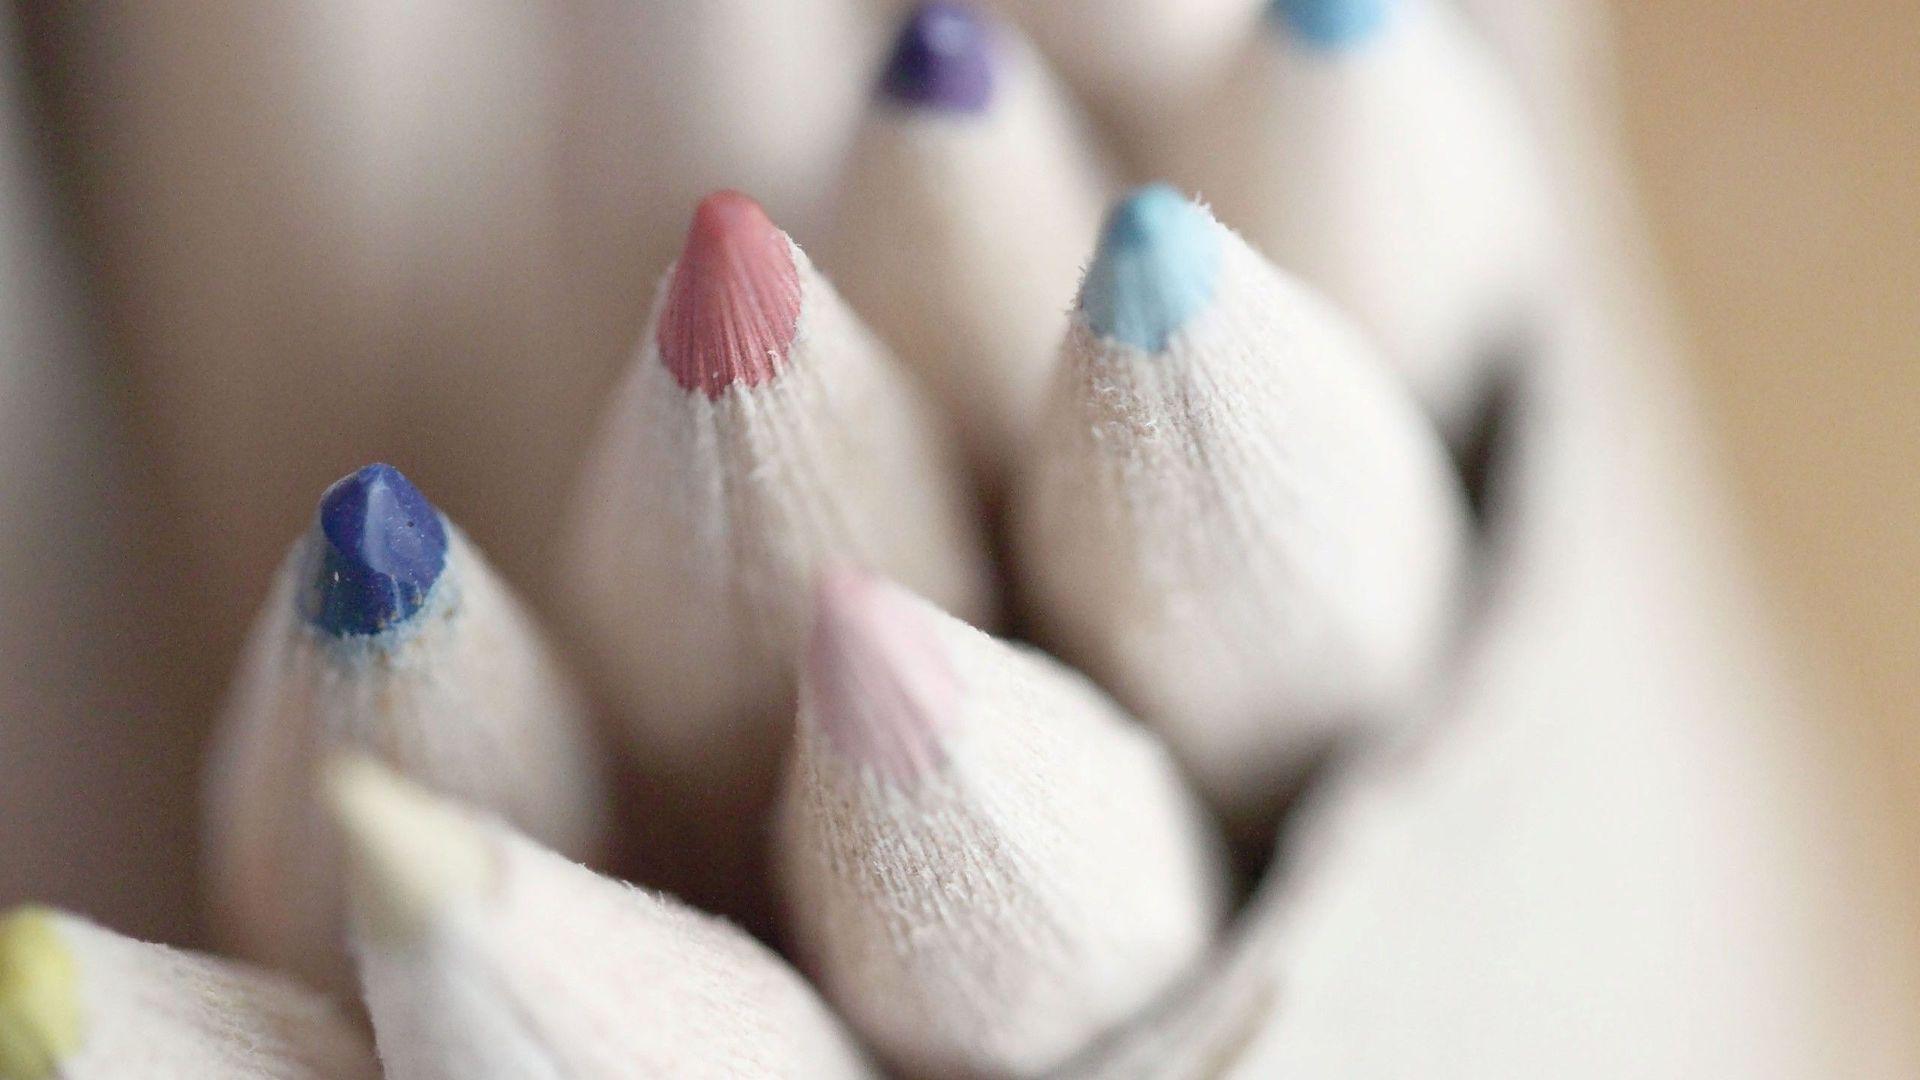 colored pencils up close wallpaper 40948